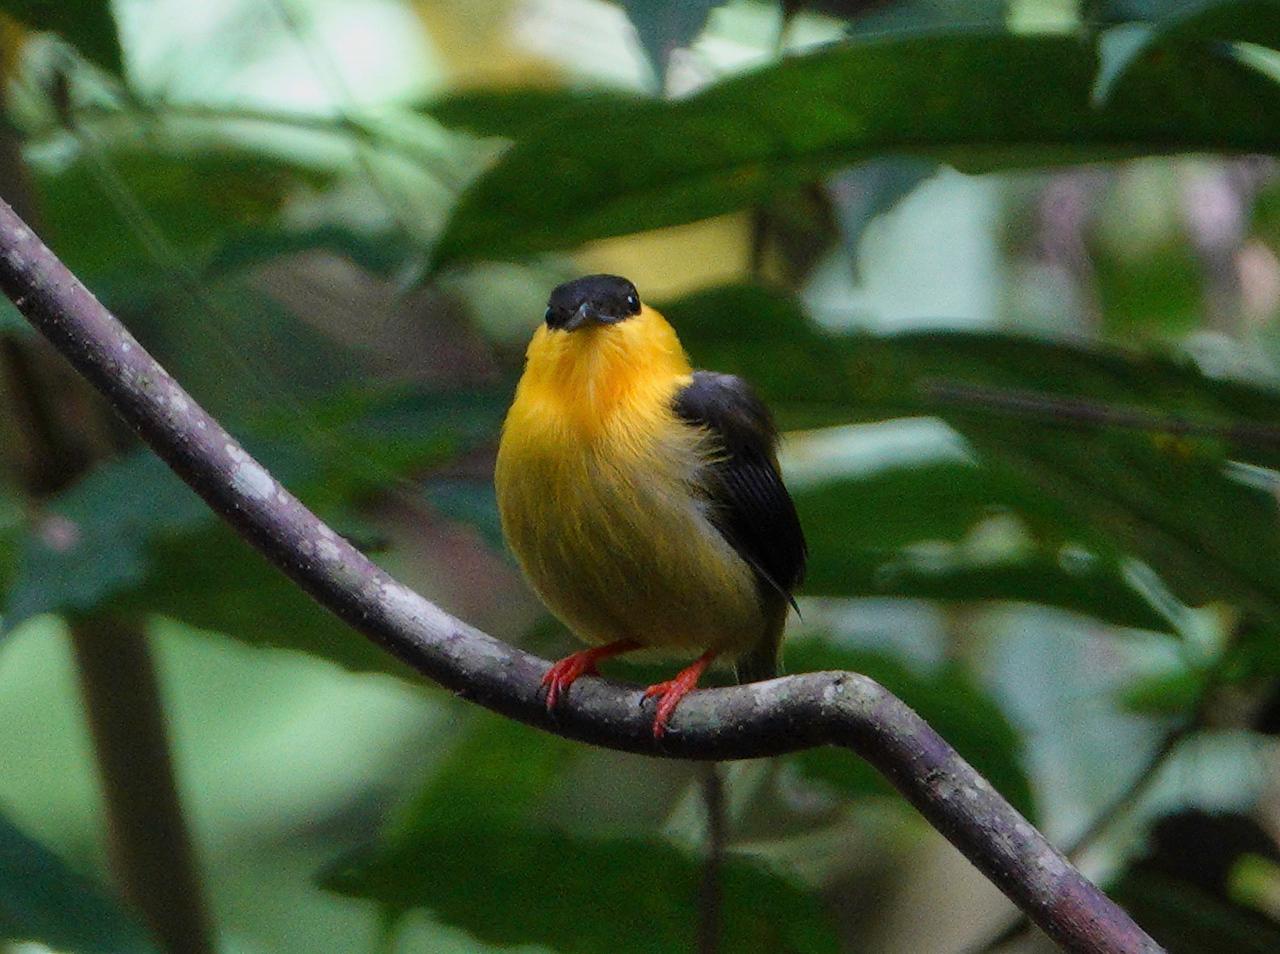 5826.Golden-Collared Manakin (Manacus vitellinus).♂︎